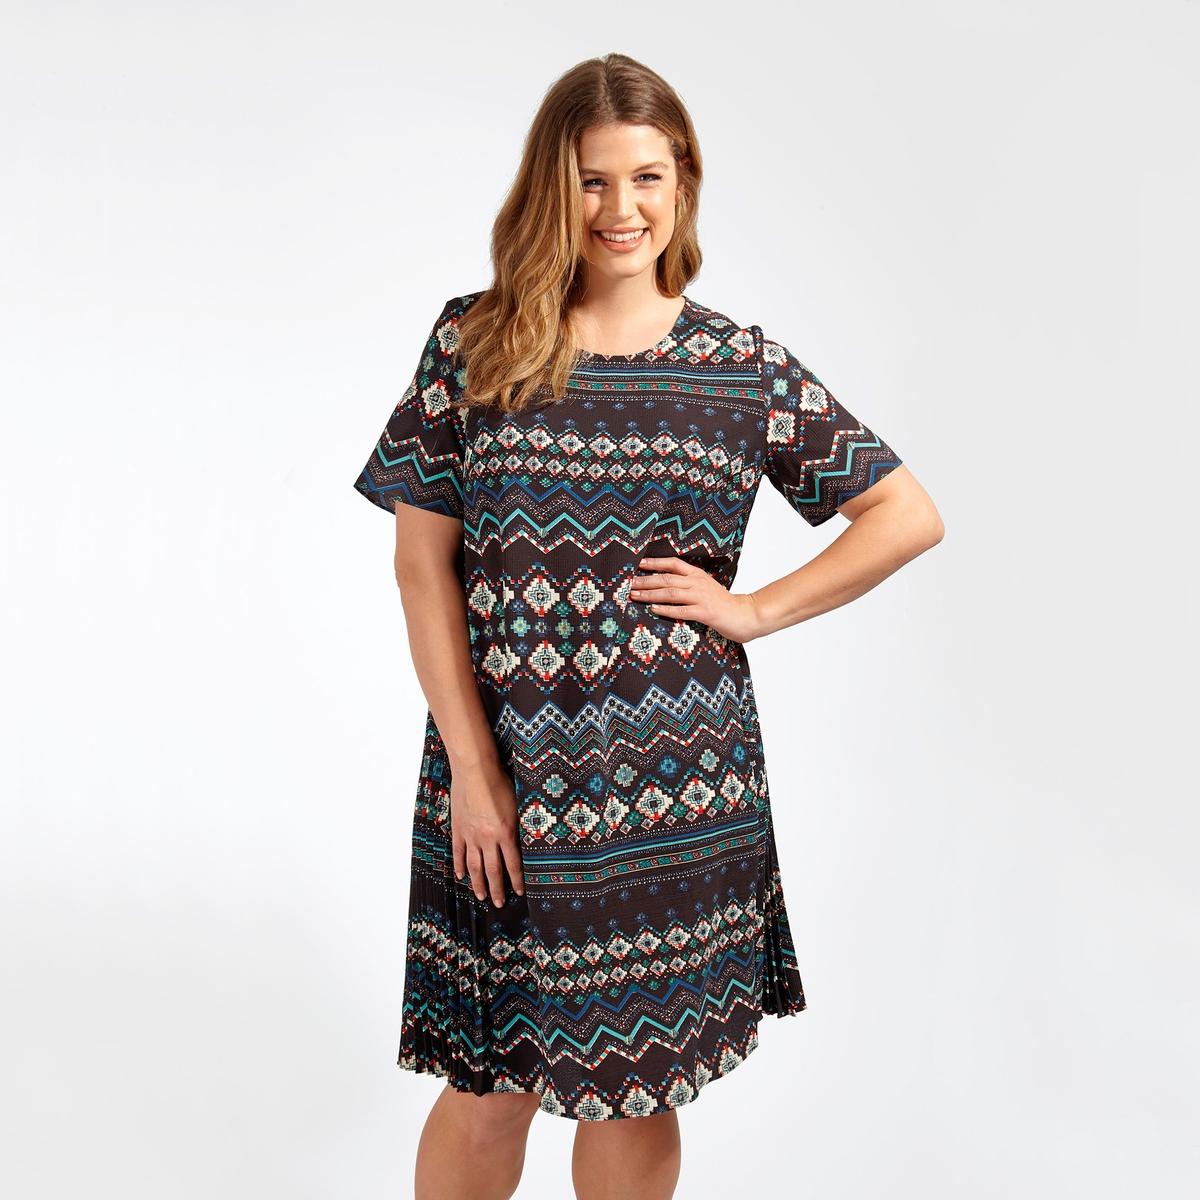 ПлатьеПлатье с короткими рукавами KOKO BY KOKO. Длина до колен. Круглый вырез. 100% полиэстер<br><br>Цвет: набивной рисунок